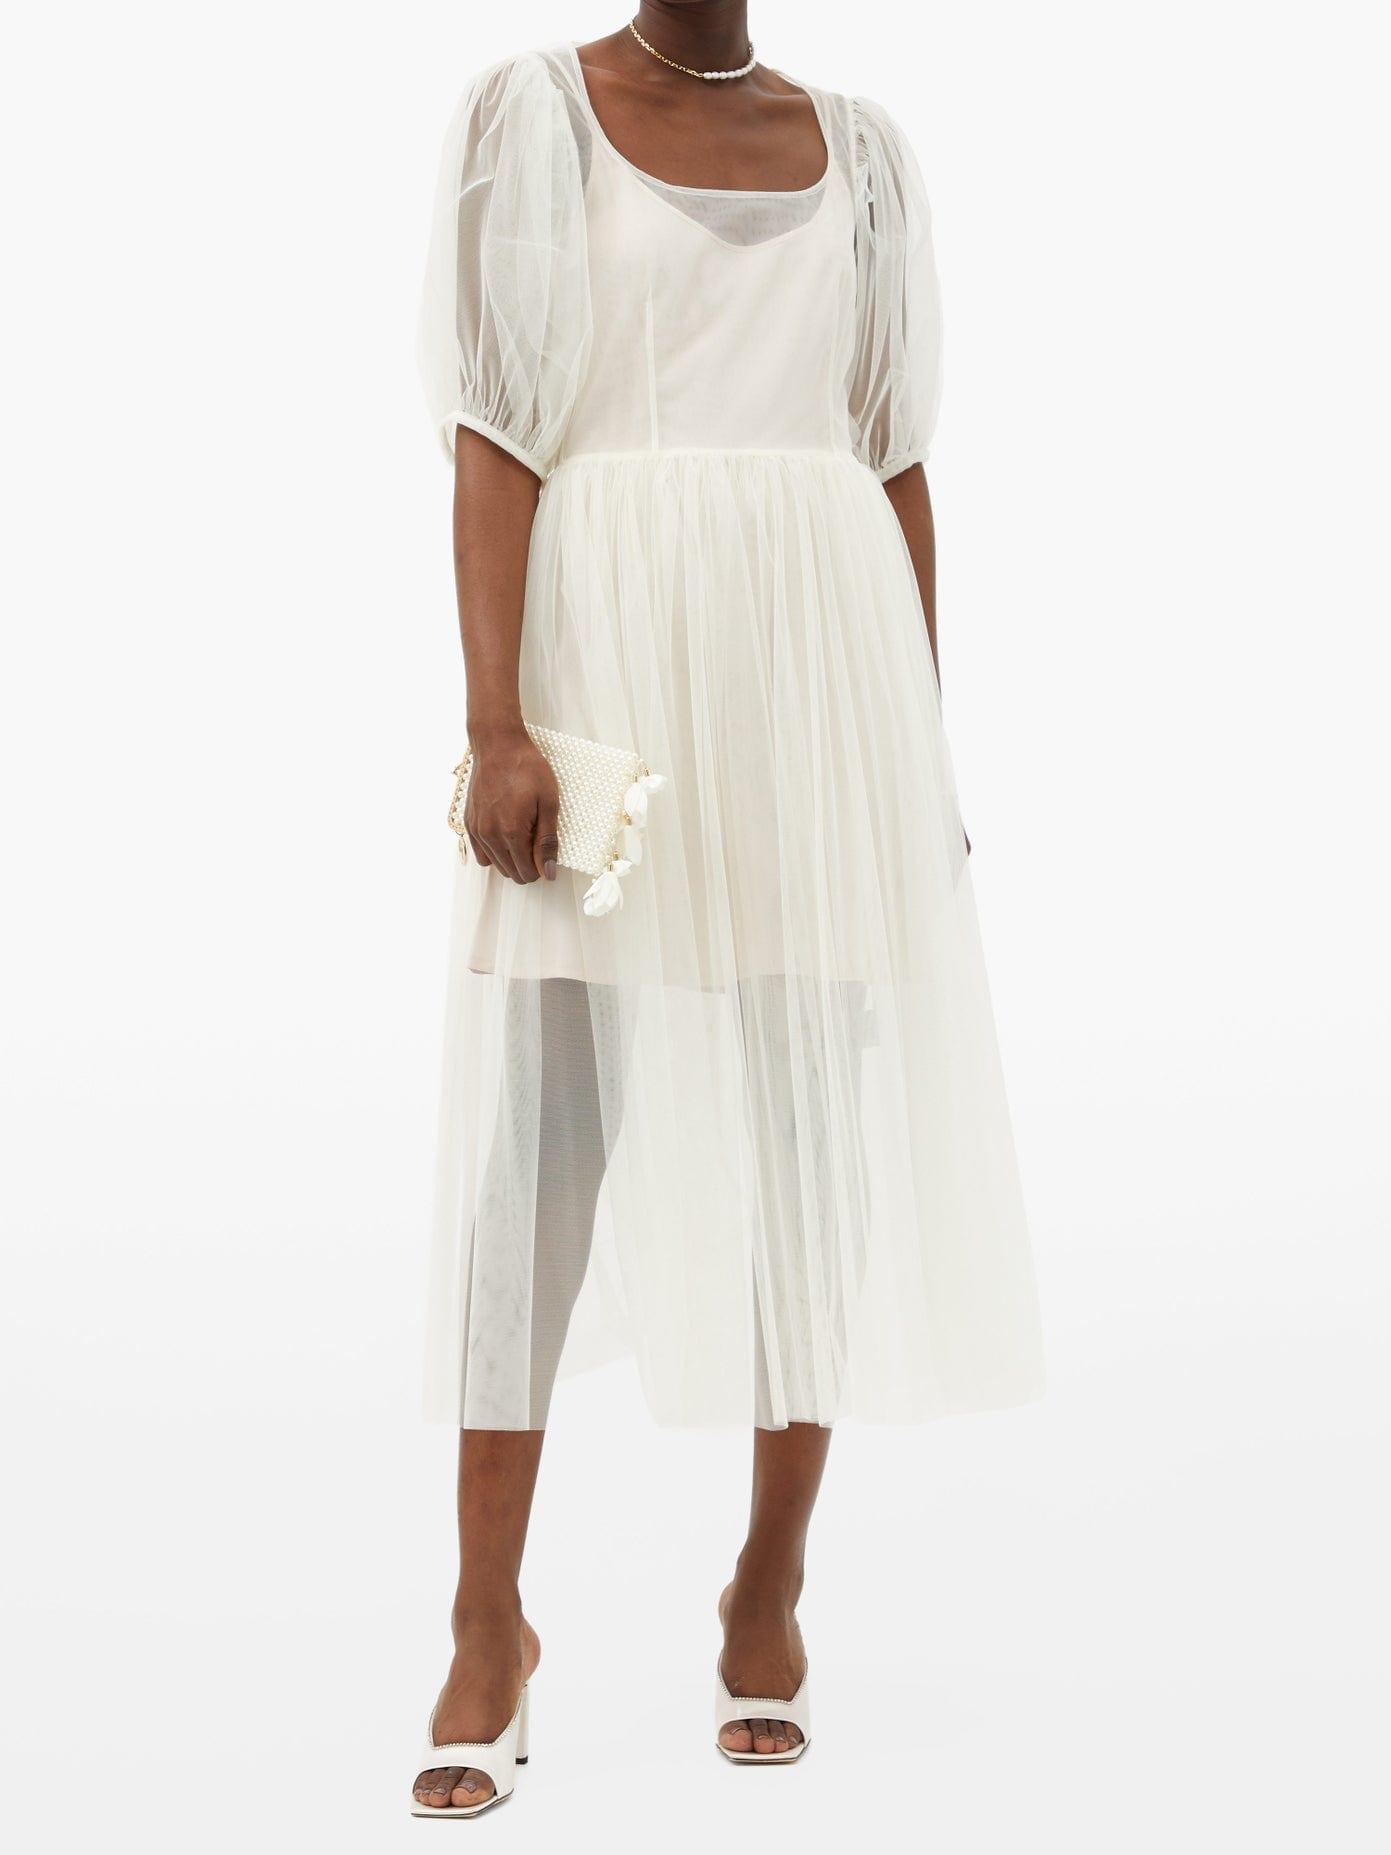 MOLLY GODDARD Gwyneth Puff-sleeved Tulle Midi Dress